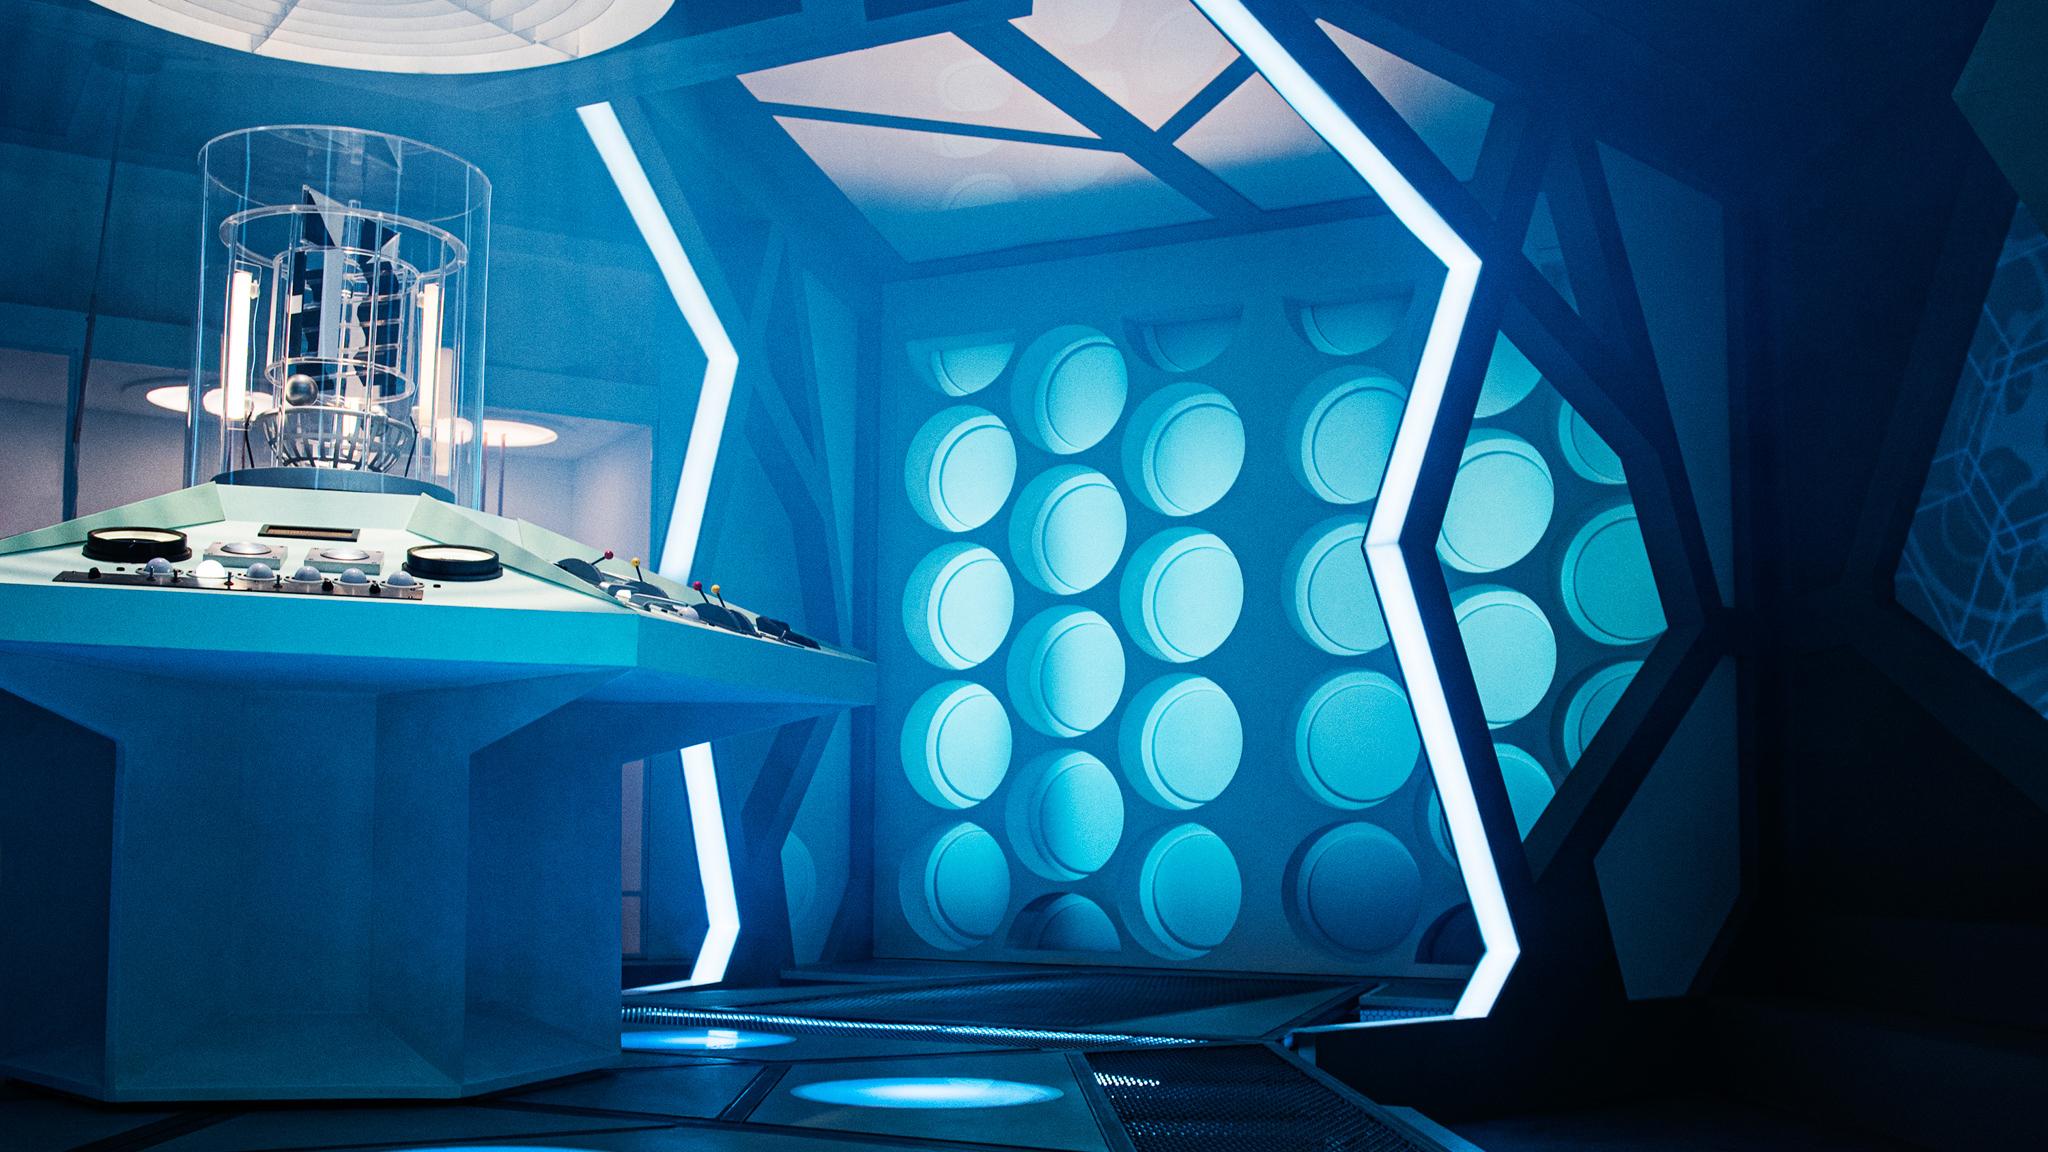 27/01/2020 - Programme Name: Doctor Who Series 12 - TX: n/a - Episode: n/a (No. 5) - (C) BBC - Photographer: James Pardon